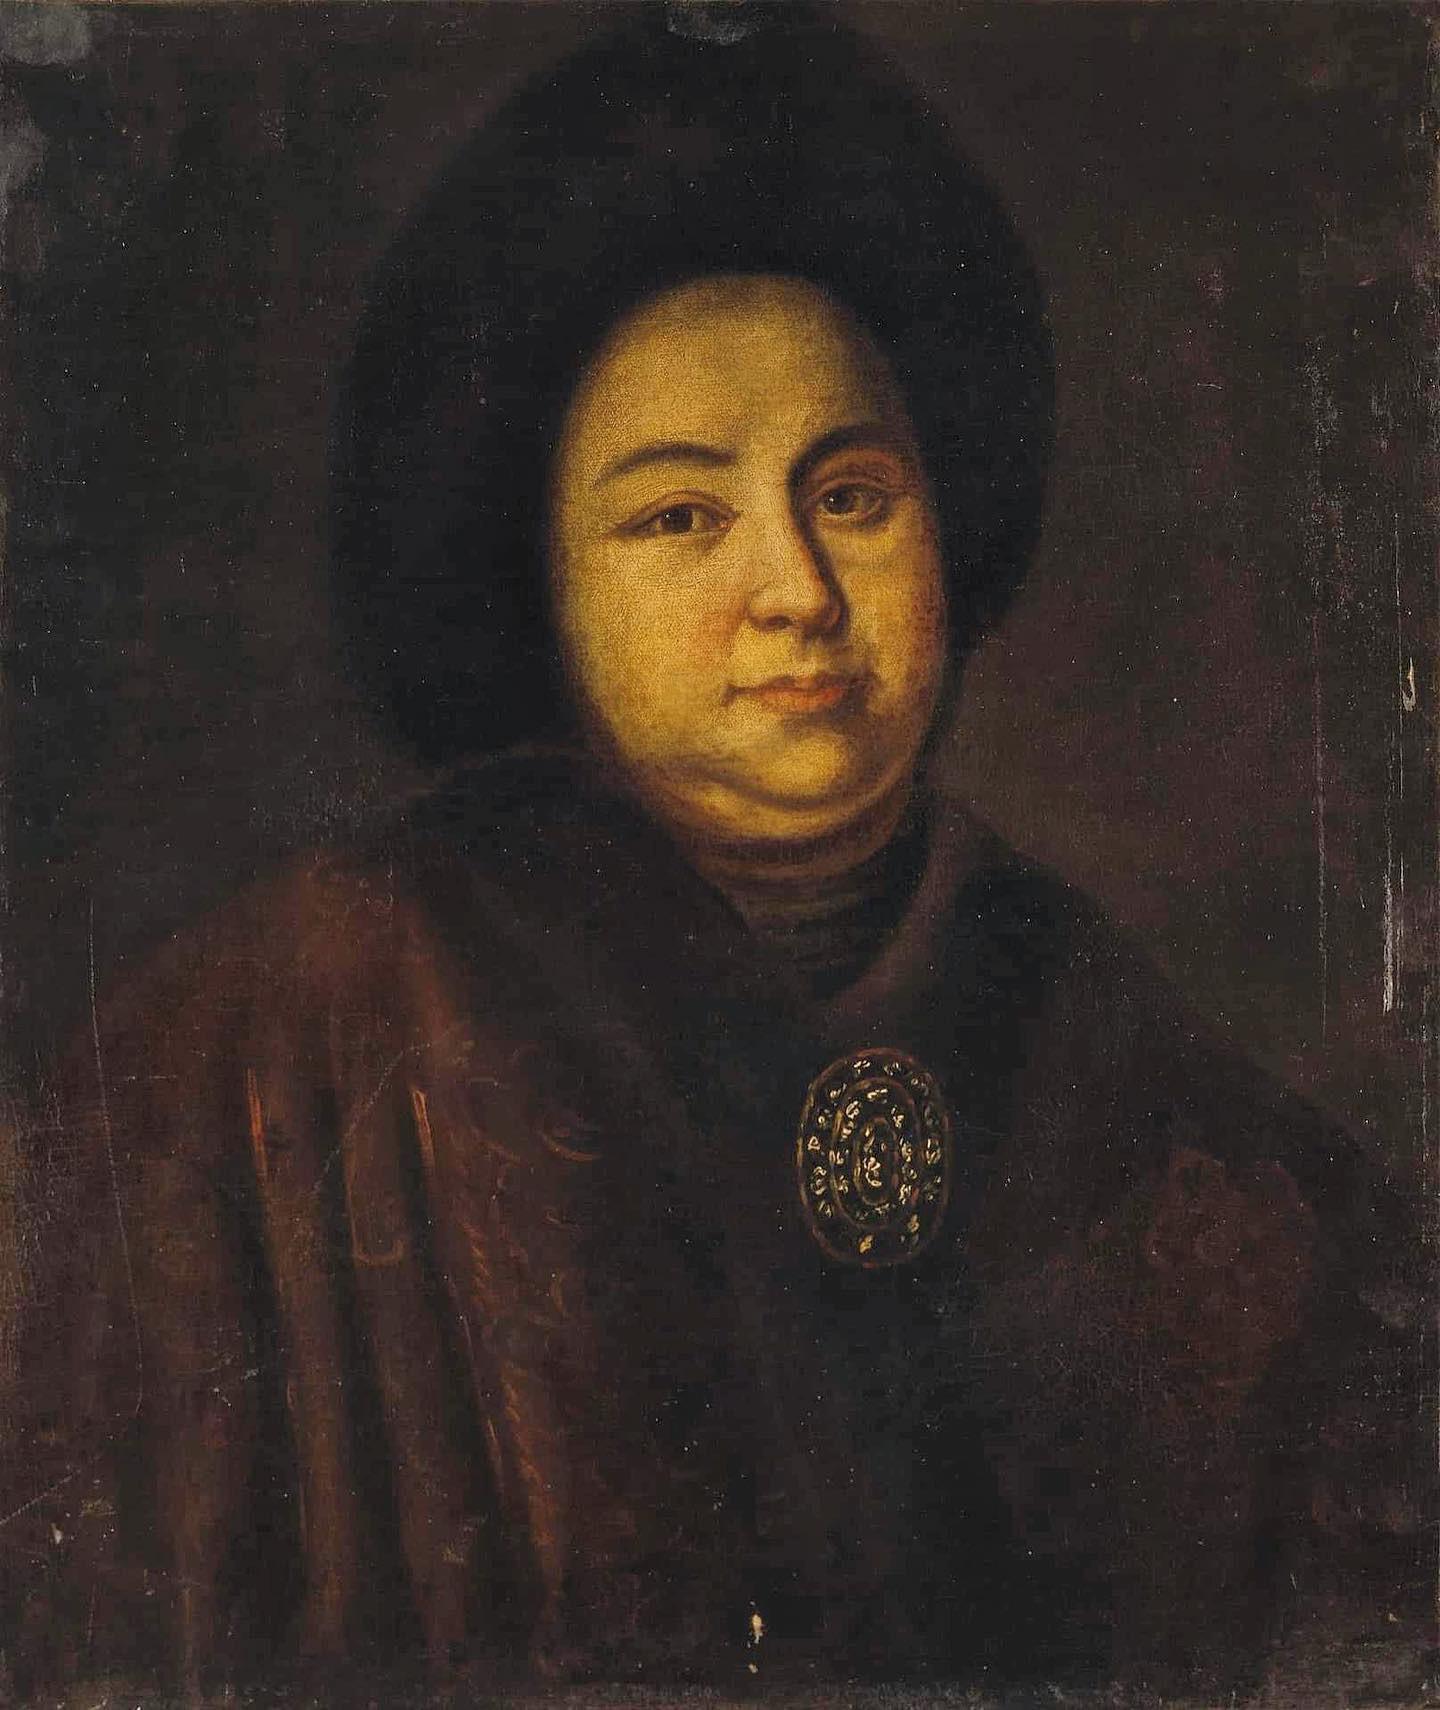 Портрет Евдокии Лопухиной. Неизвестный художник, первая четверть 18 века